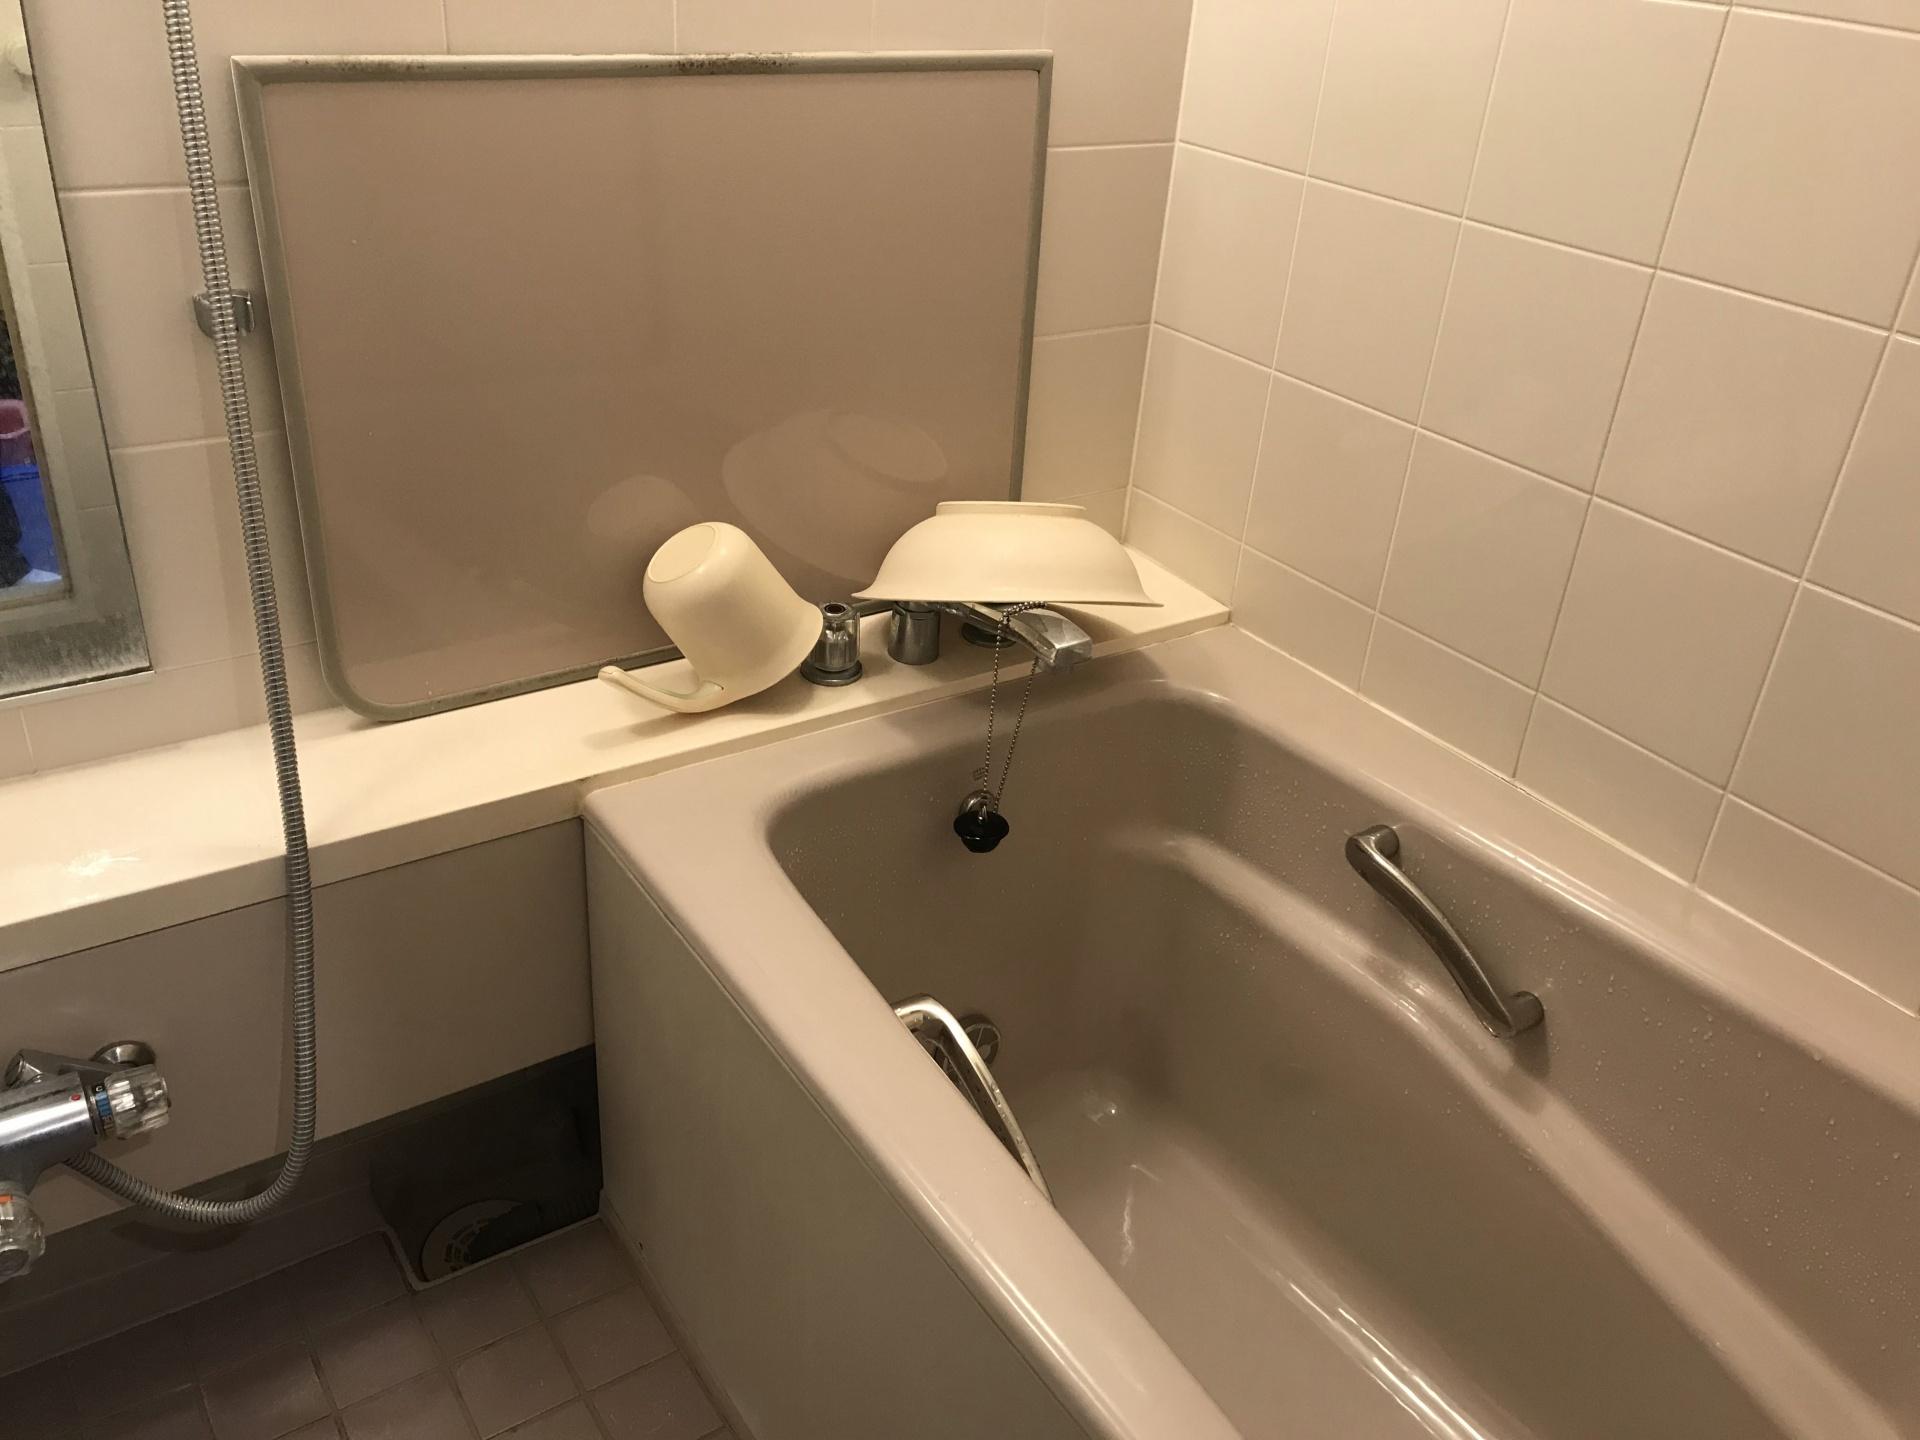 浴槽や壁も見てみましょう